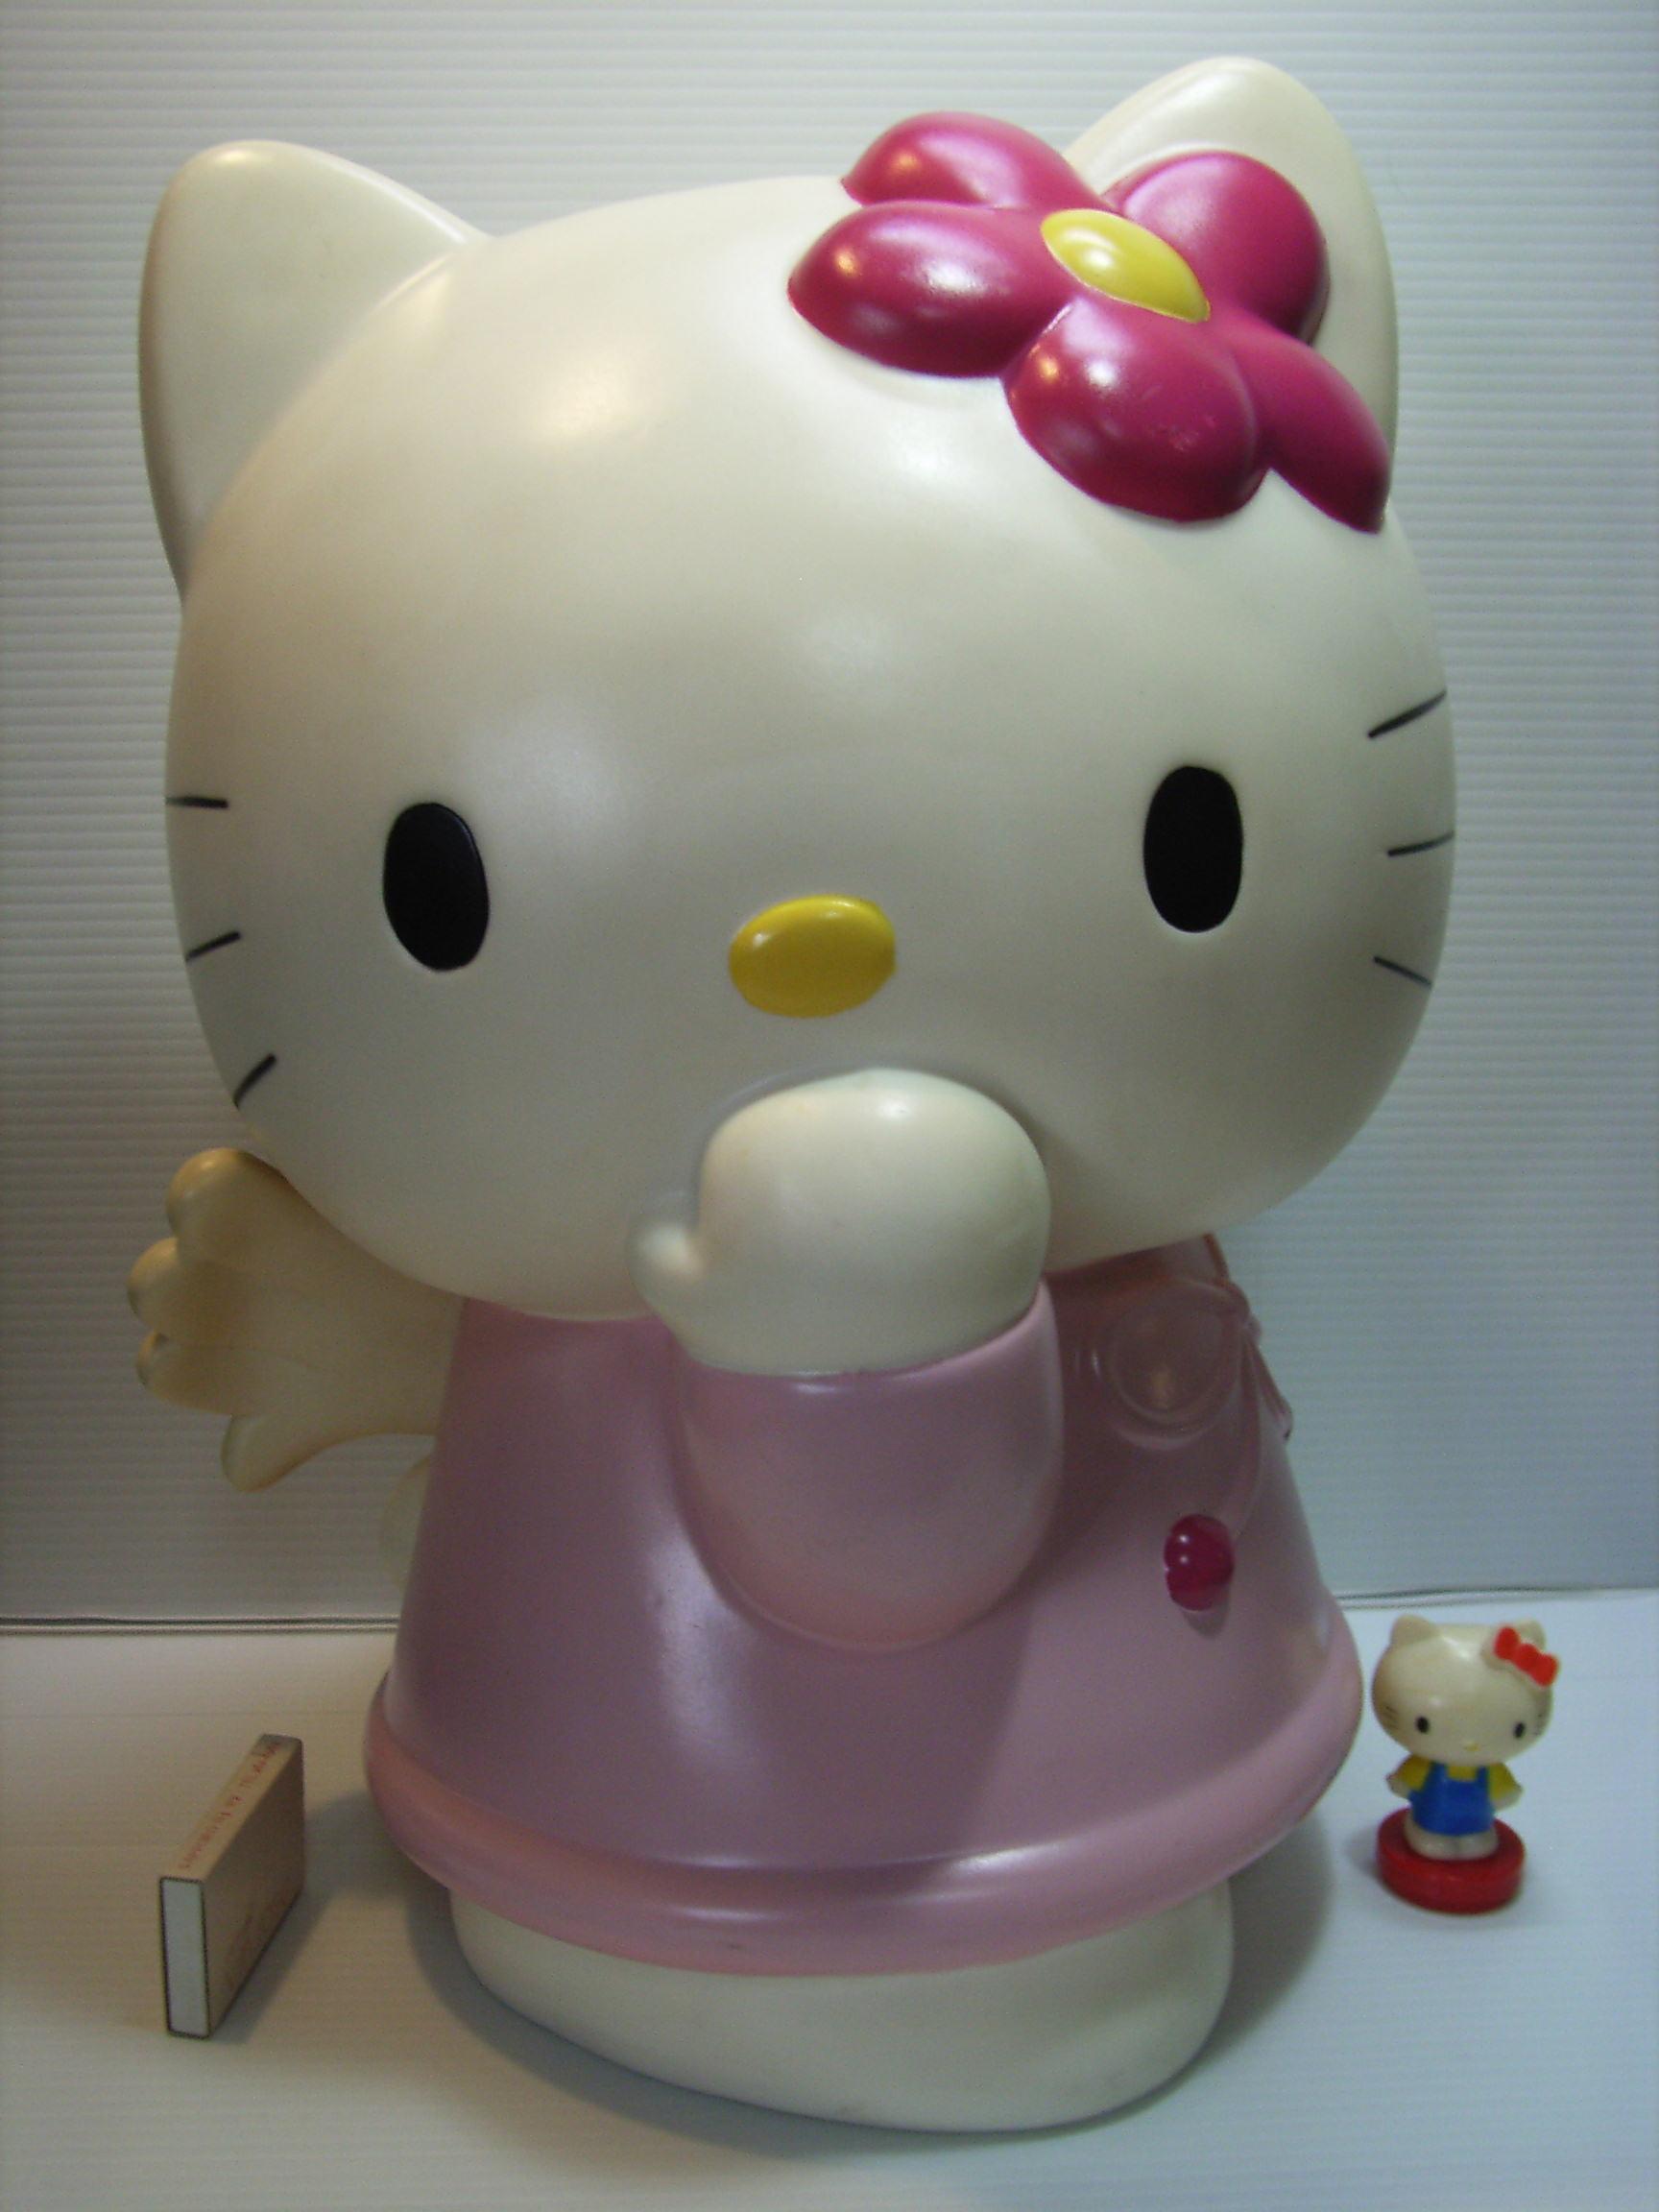 特大☆サンリオ ハローキティ ソフビ人形 貯金箱 37.3cm 版権有 現状 【TO2857】